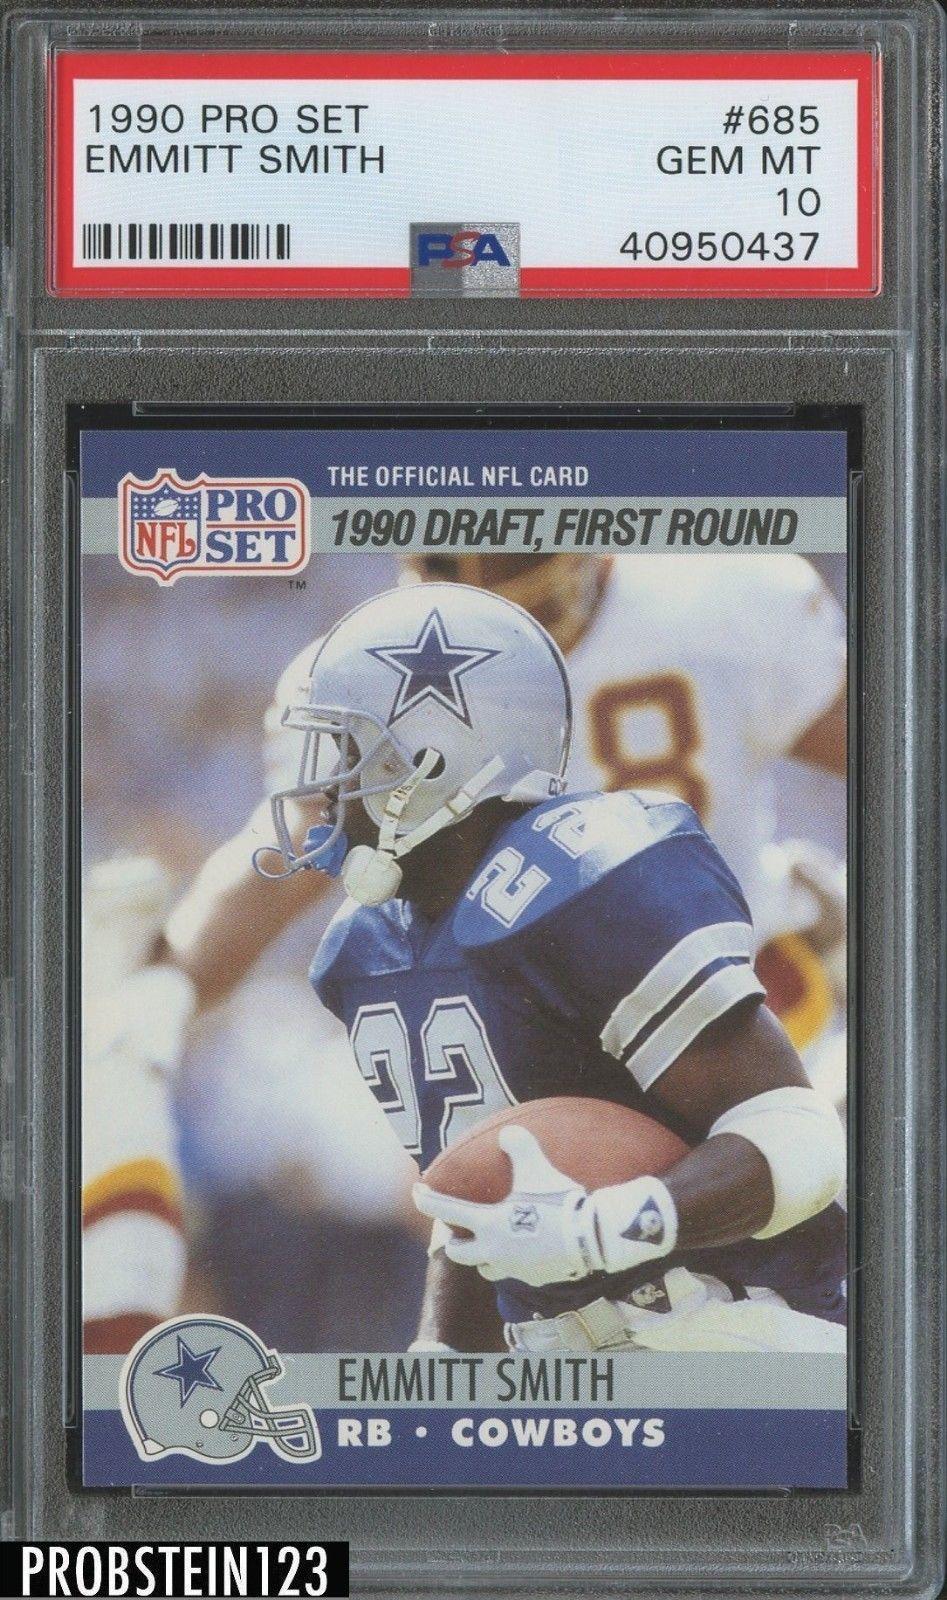 1990 Pro Set 685 Emmitt Smith Cowboys Rc Rookie Hof Psa 10